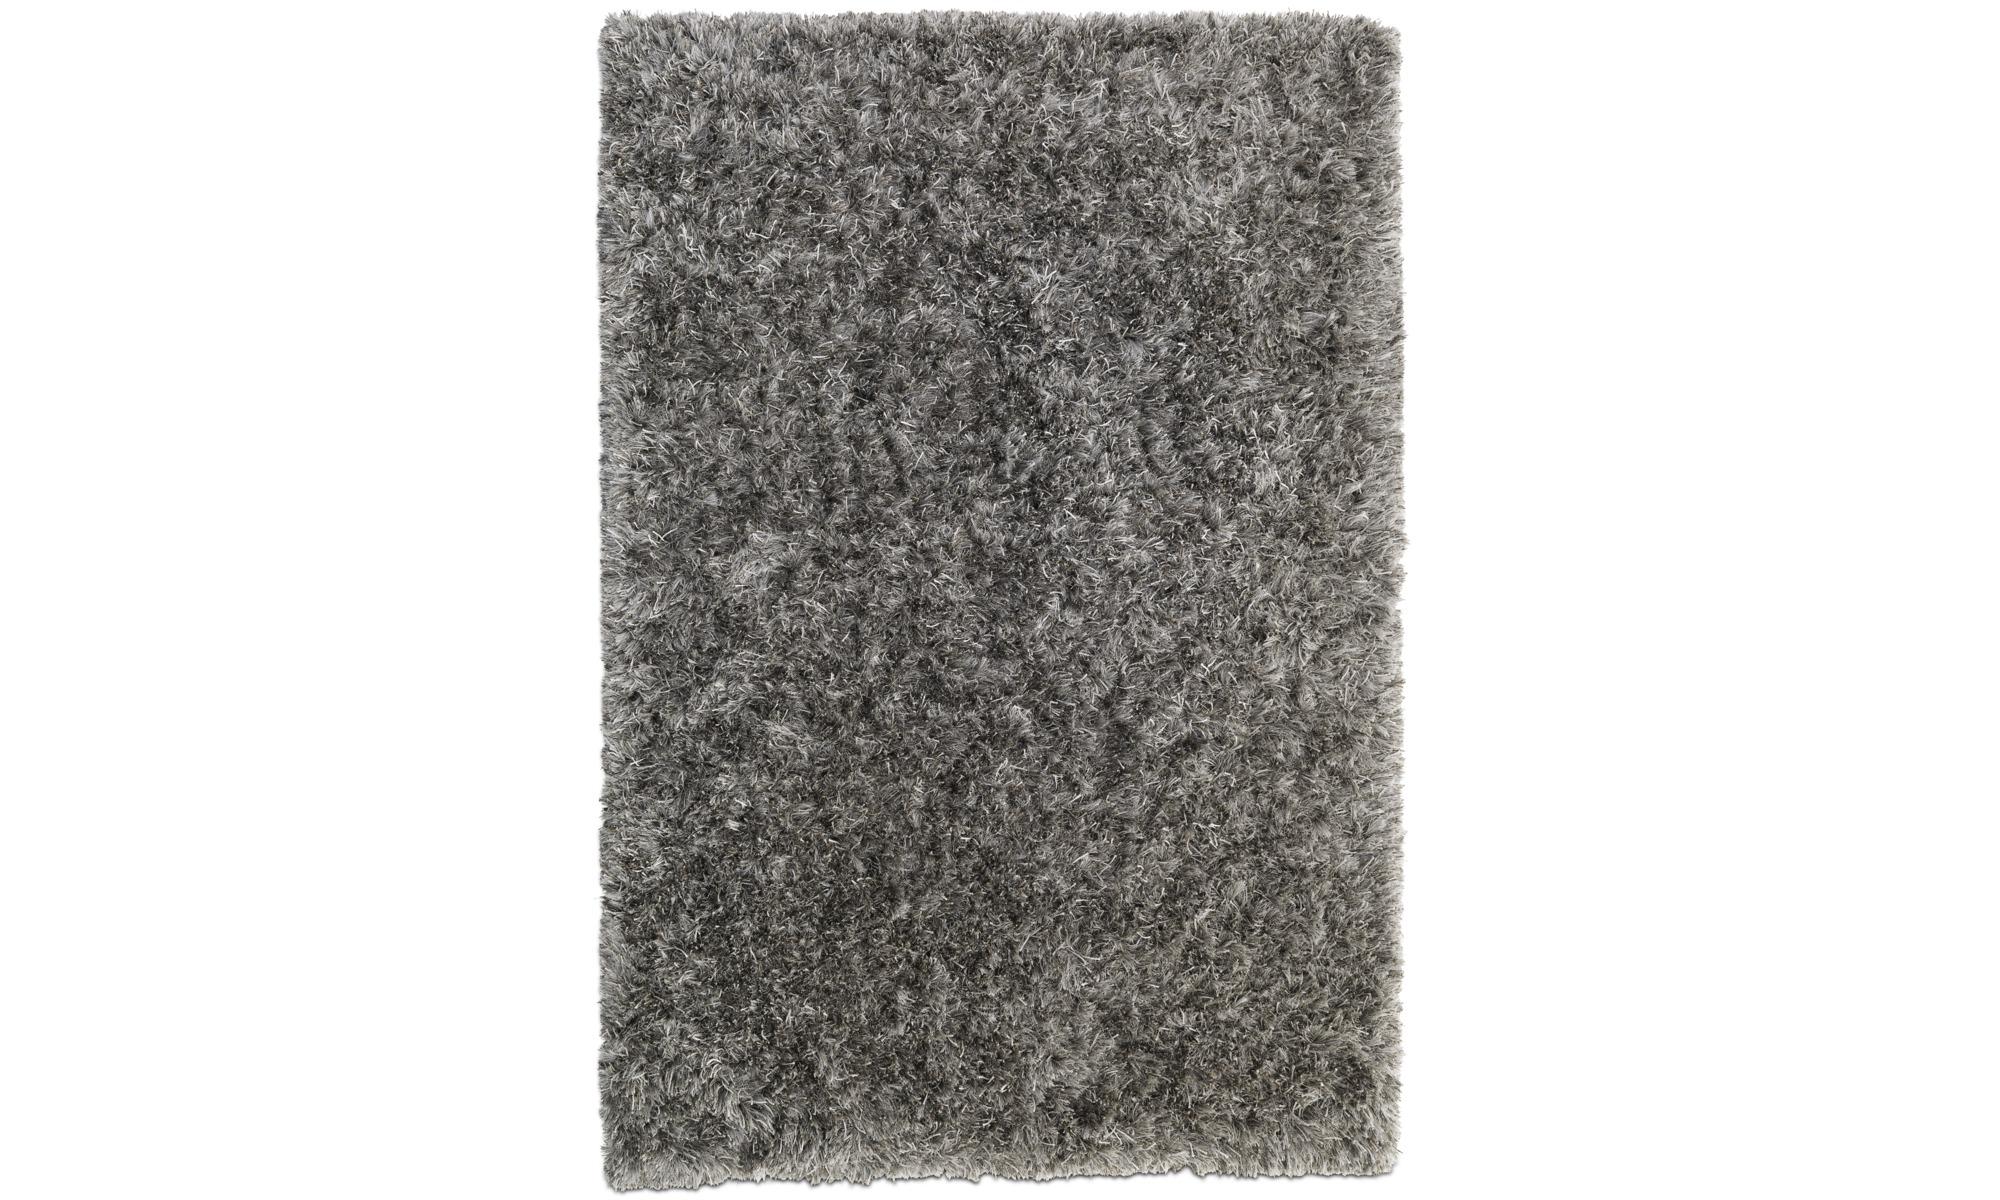 Teppiche Rosenheim rechteckige teppiche monika teppich boconcept